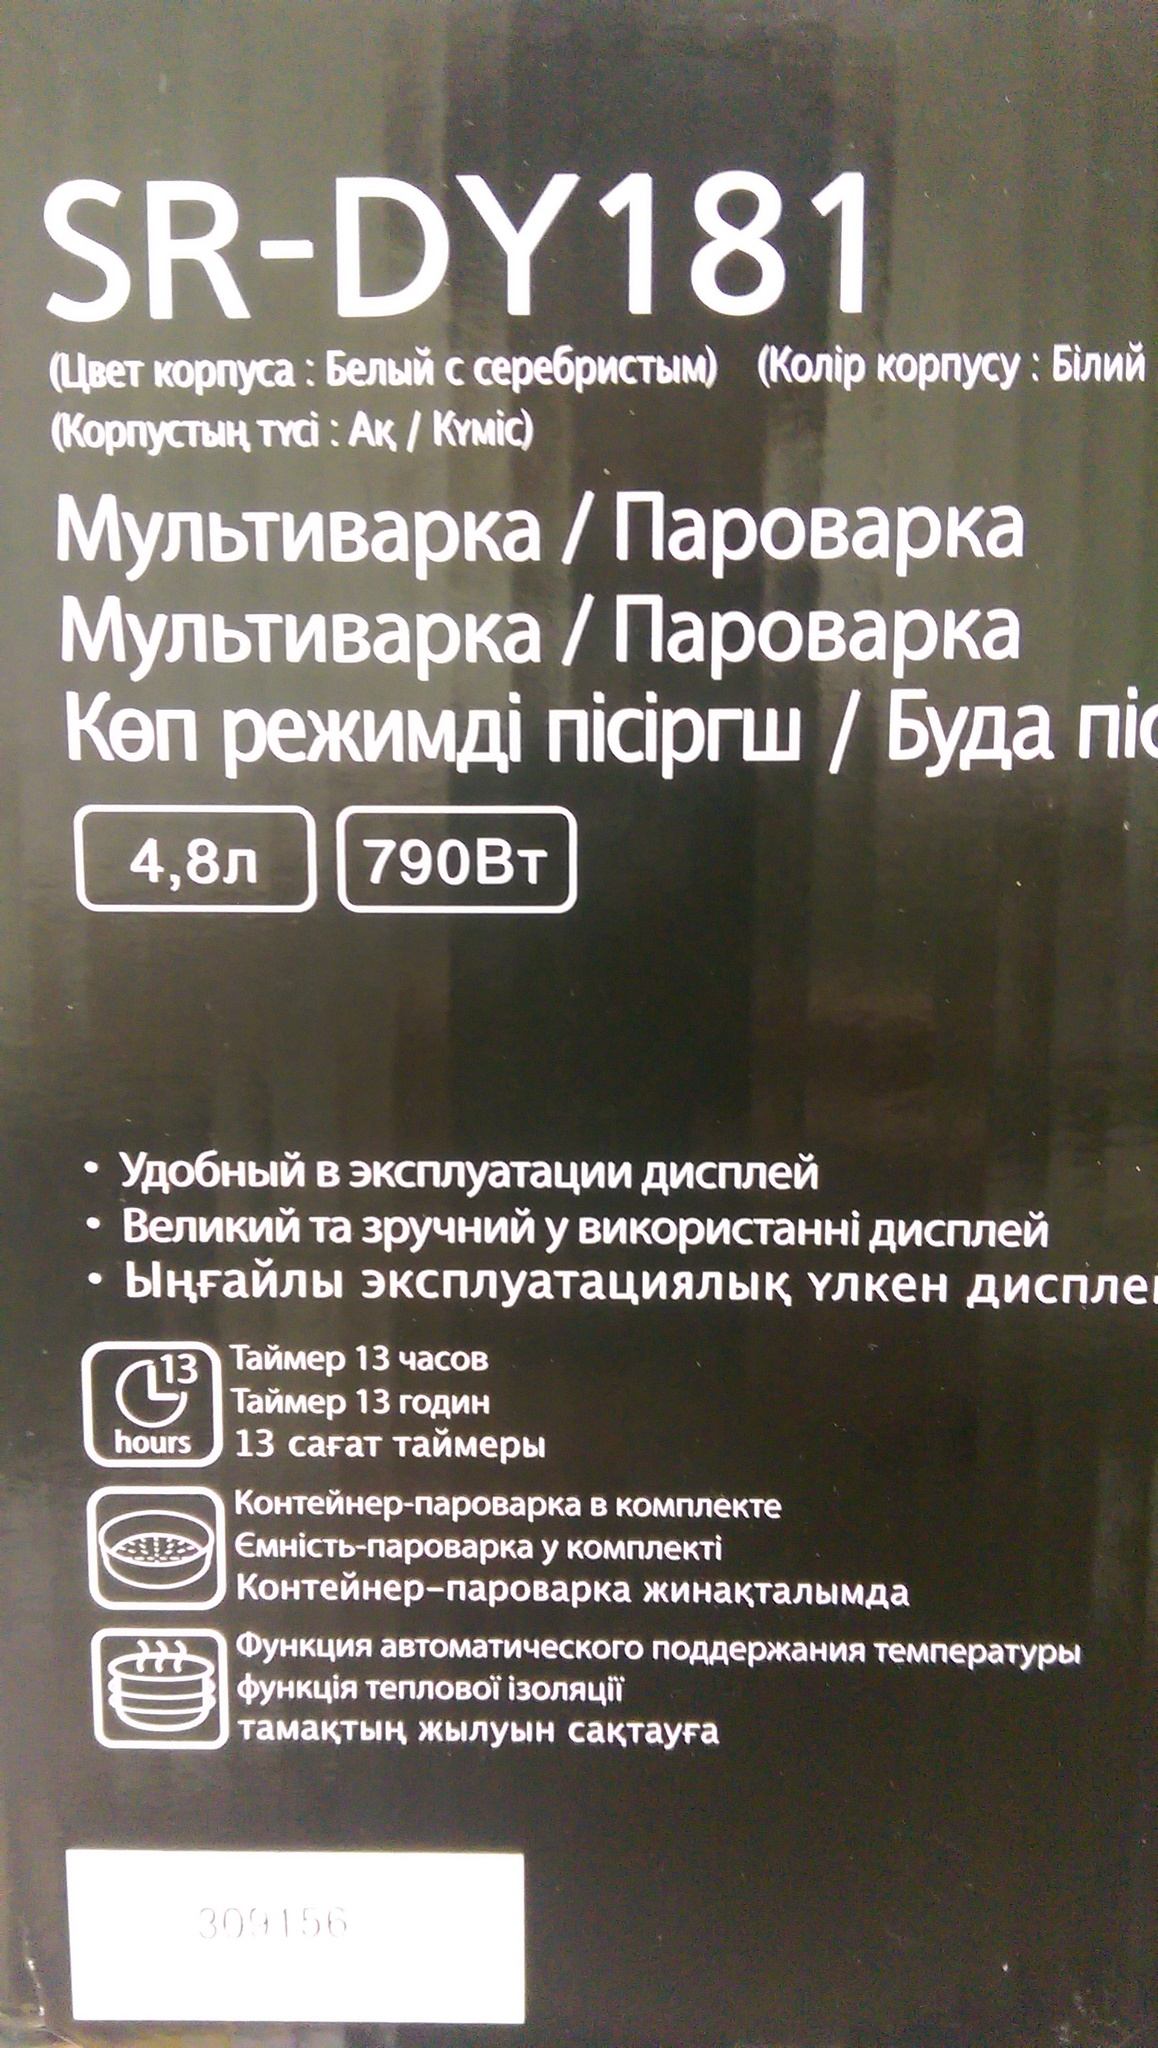 Мультиварка Panasonic SR-DY181WTQ Таймер отсрочки старта до 13 часов паровая корзина чаша емкость сетка в комплекте